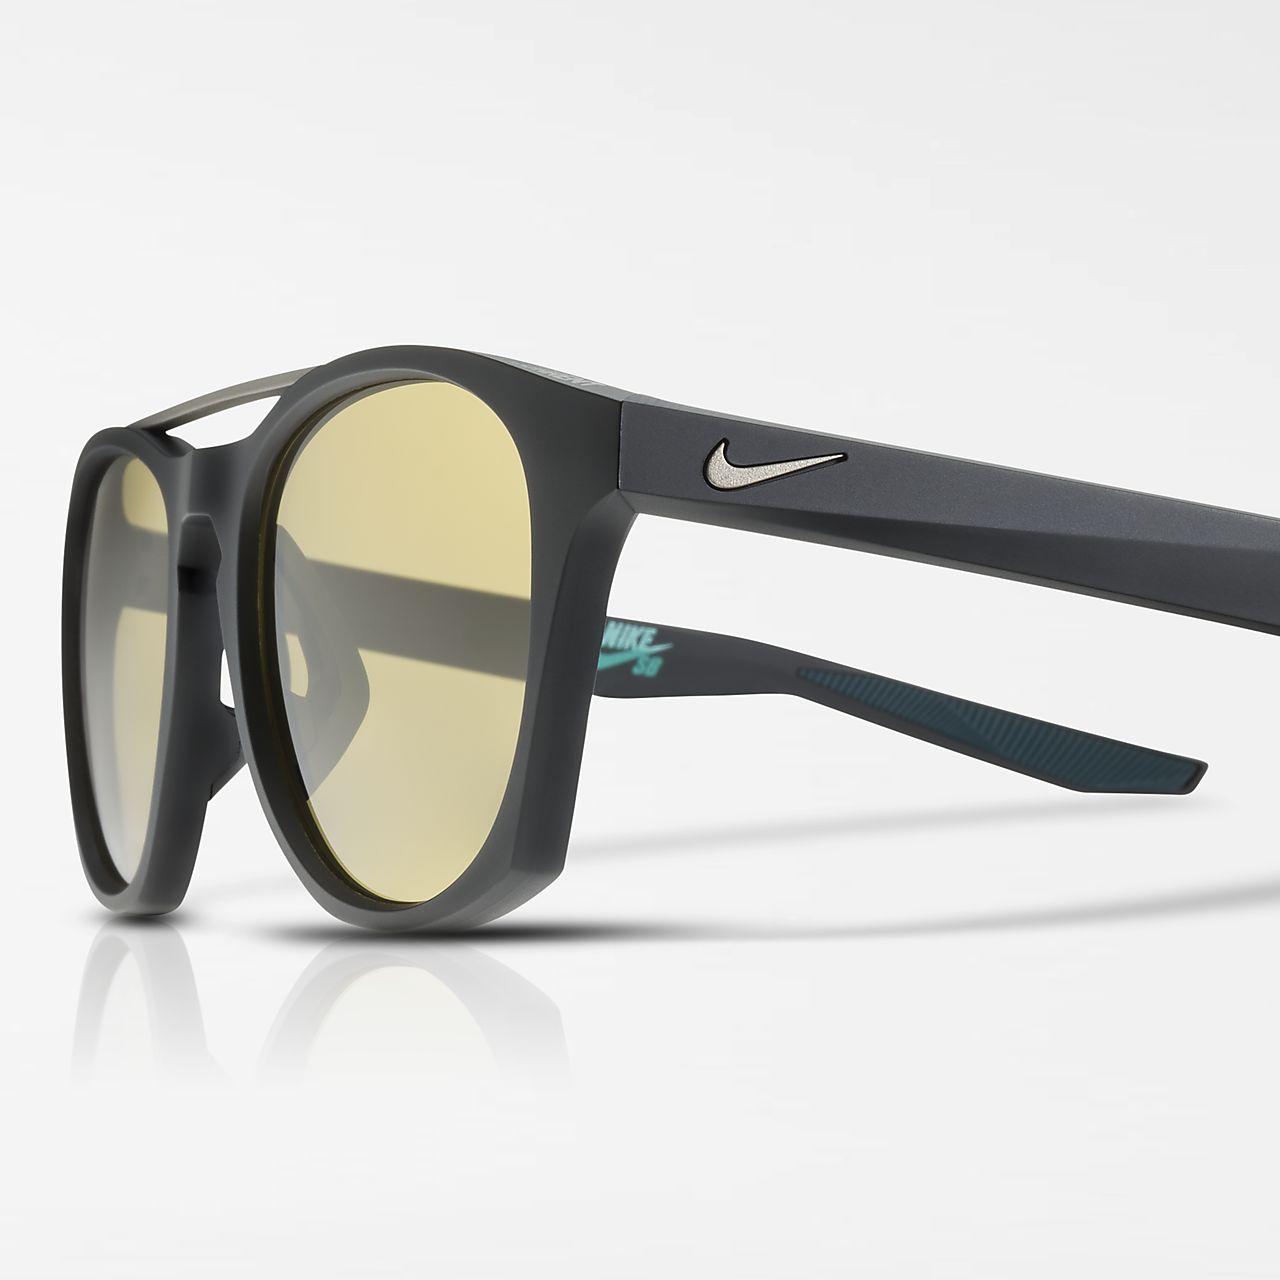 f966715503 Nike SB Current Sunglasses. Nike.com